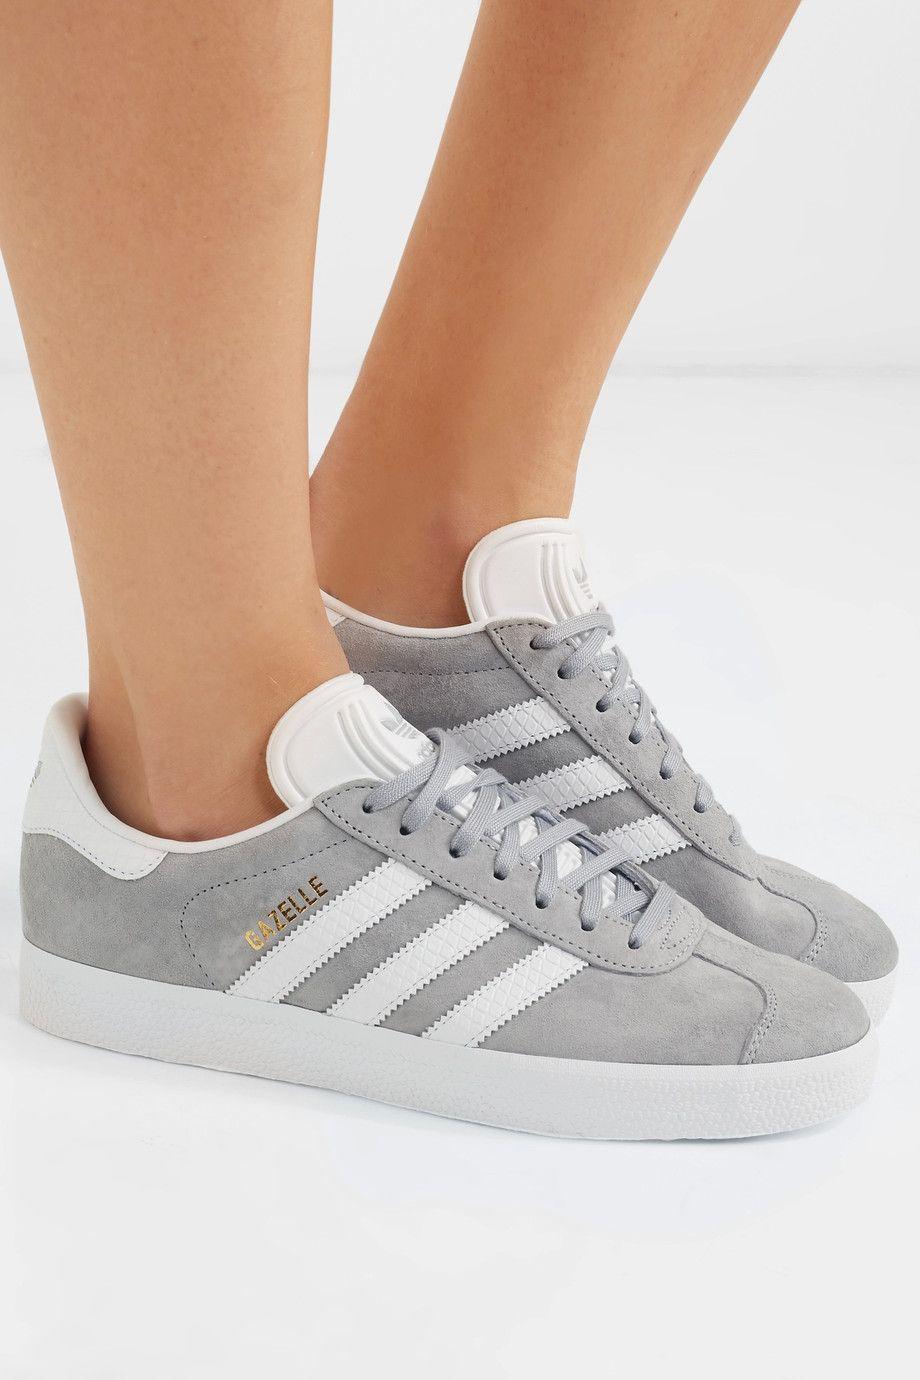 Adidas Originals Gazelle Suede zapatilla ROJO un zapatos